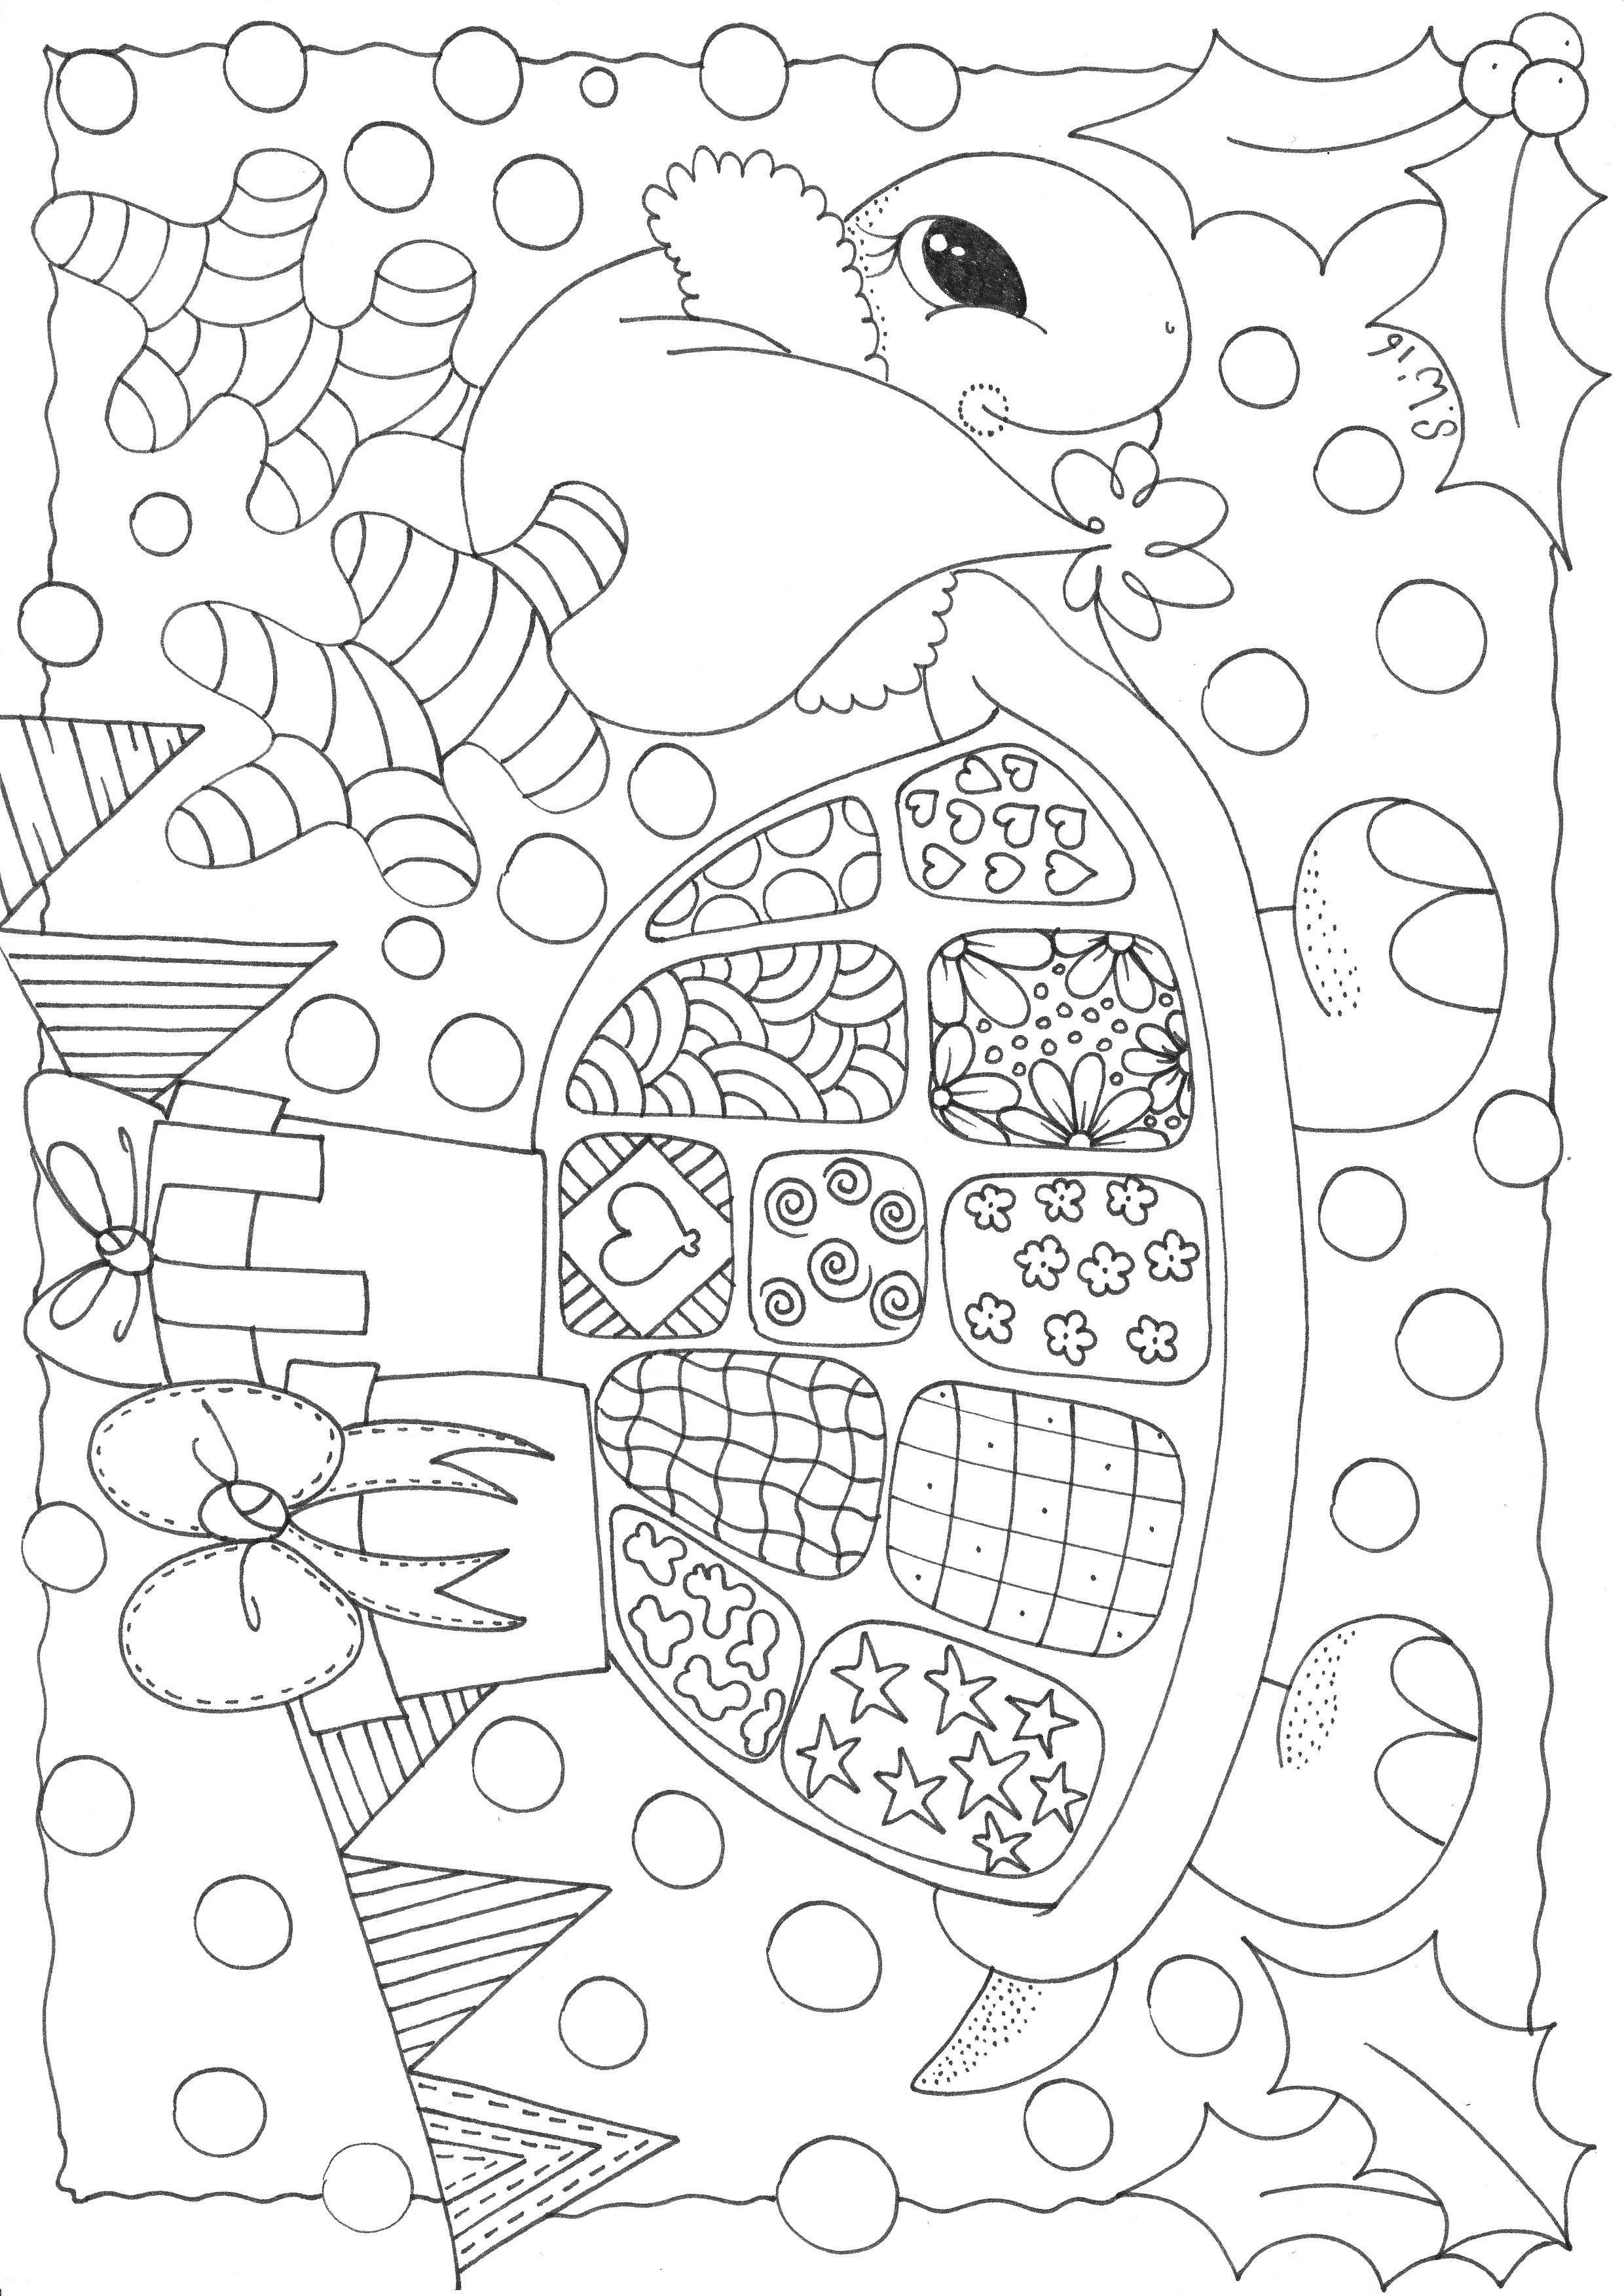 Kleurplaten Voor Volwassenen Schildpad.Kerst Feest Schildpad Kleurplaten Kleurplaten Voor